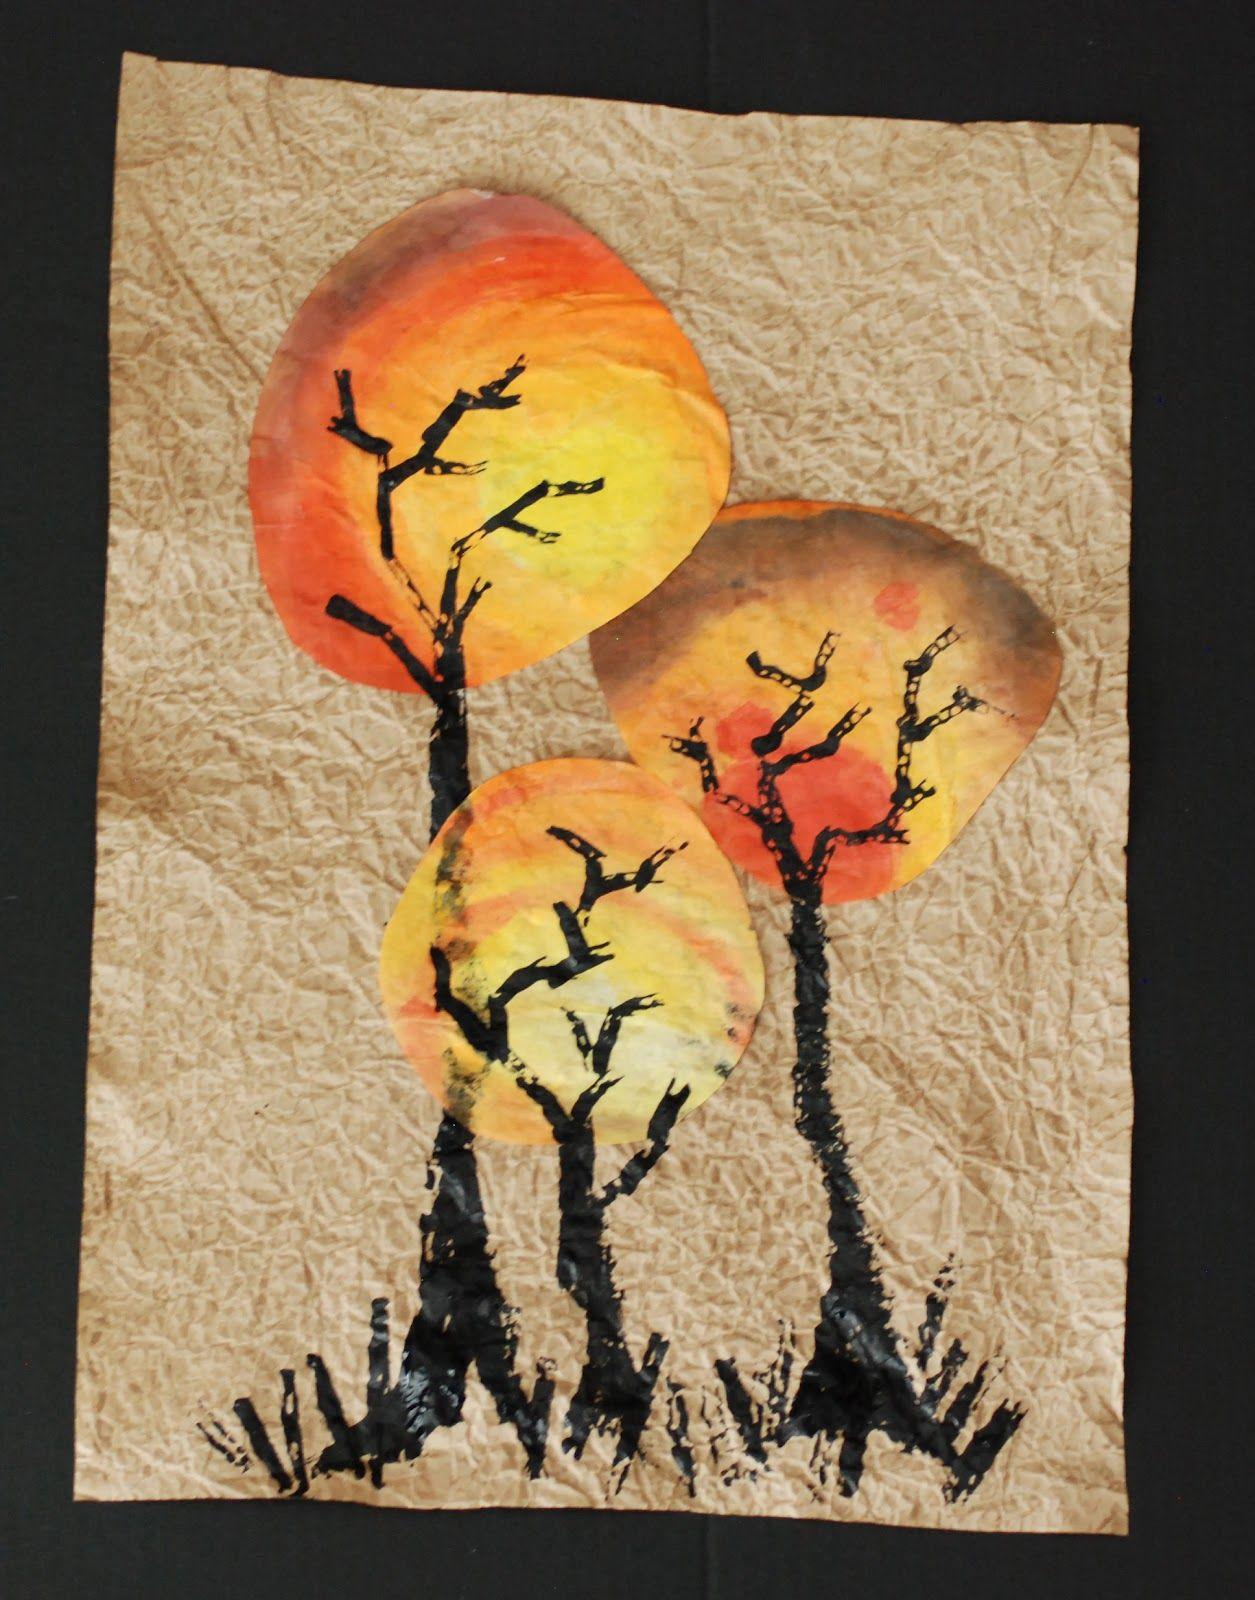 Syksyiset puut + muita ideoita